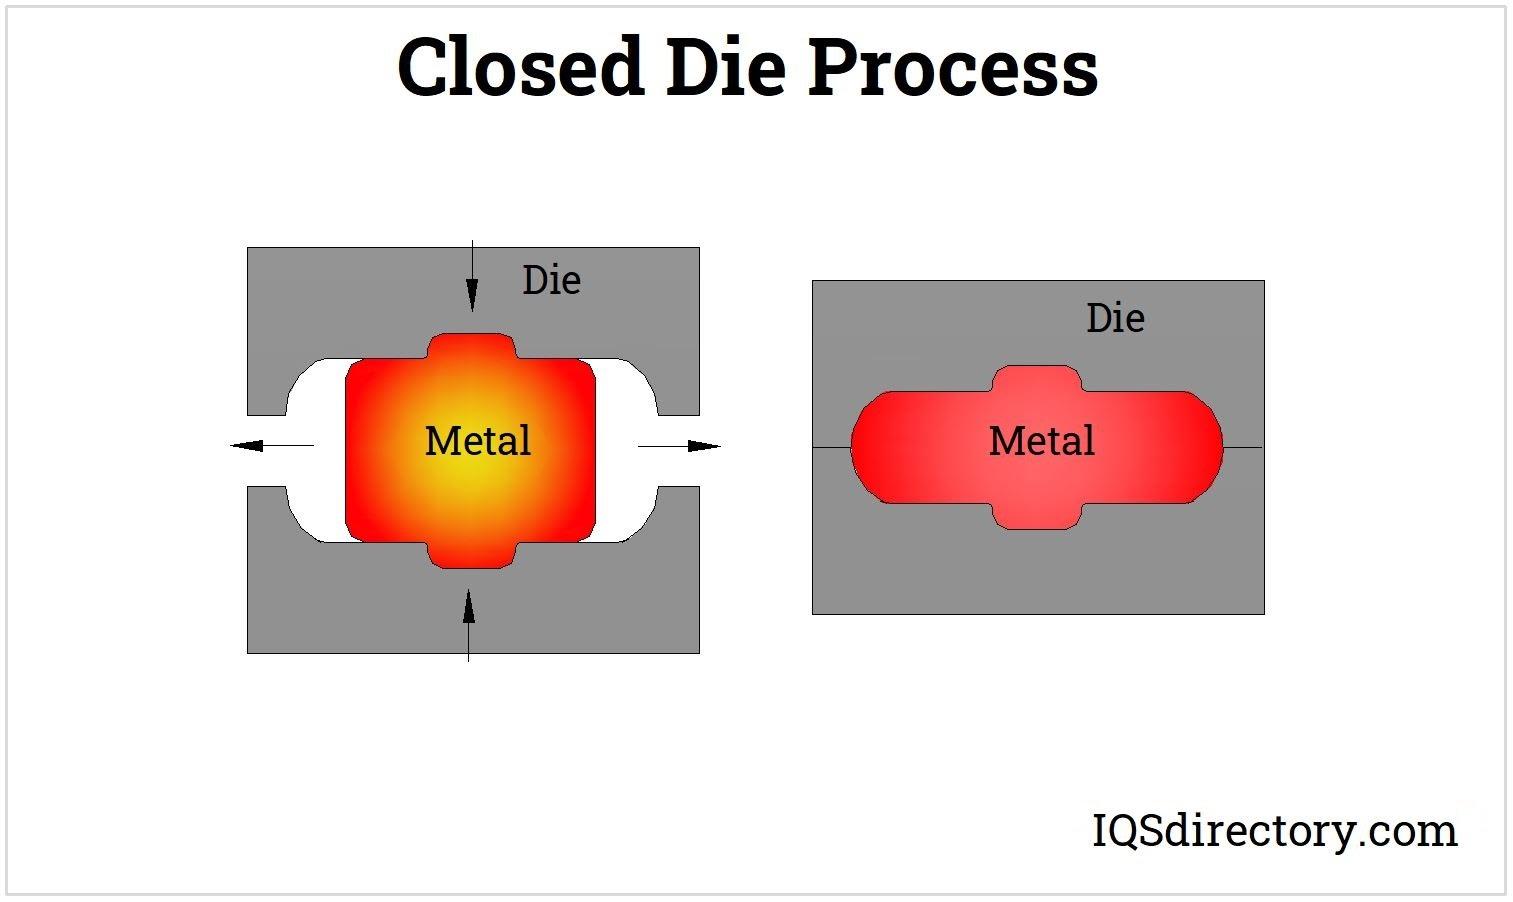 Closed Die Process